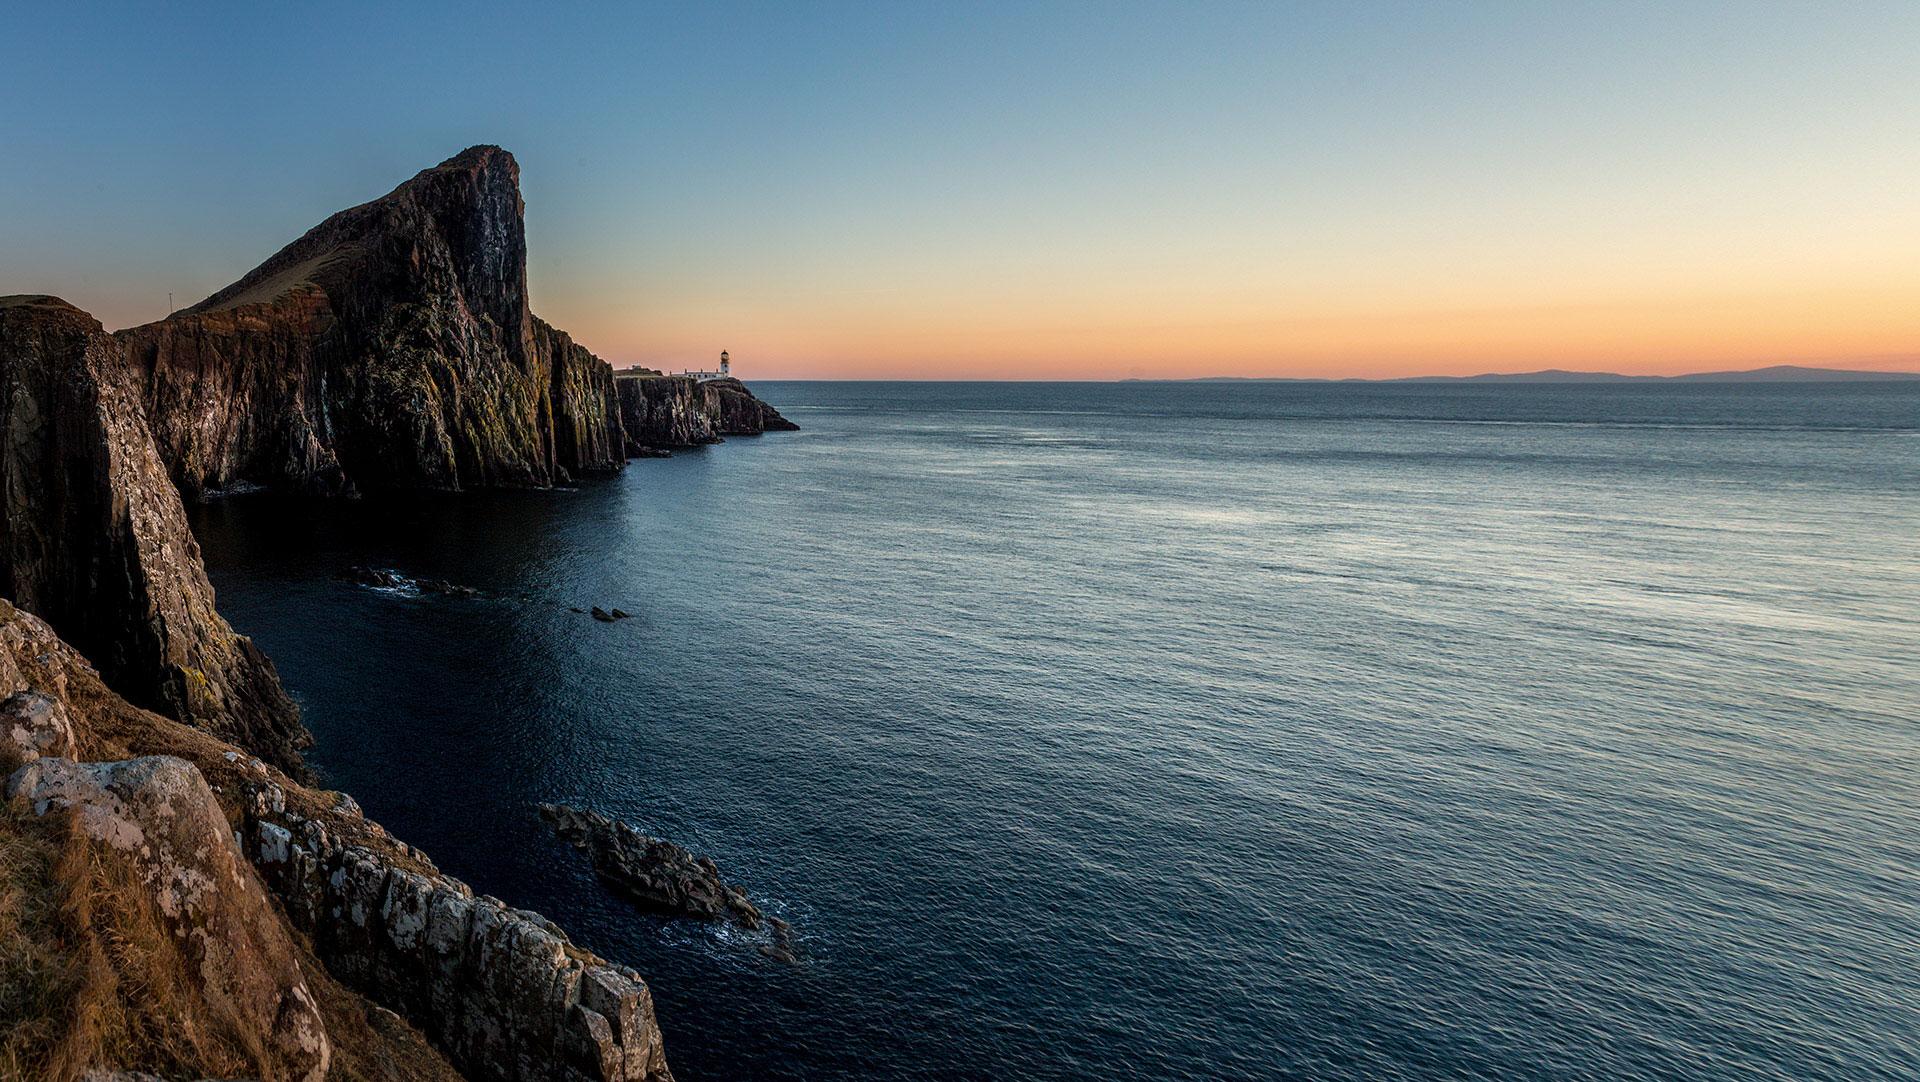 Isle of Skye Landscape Photography